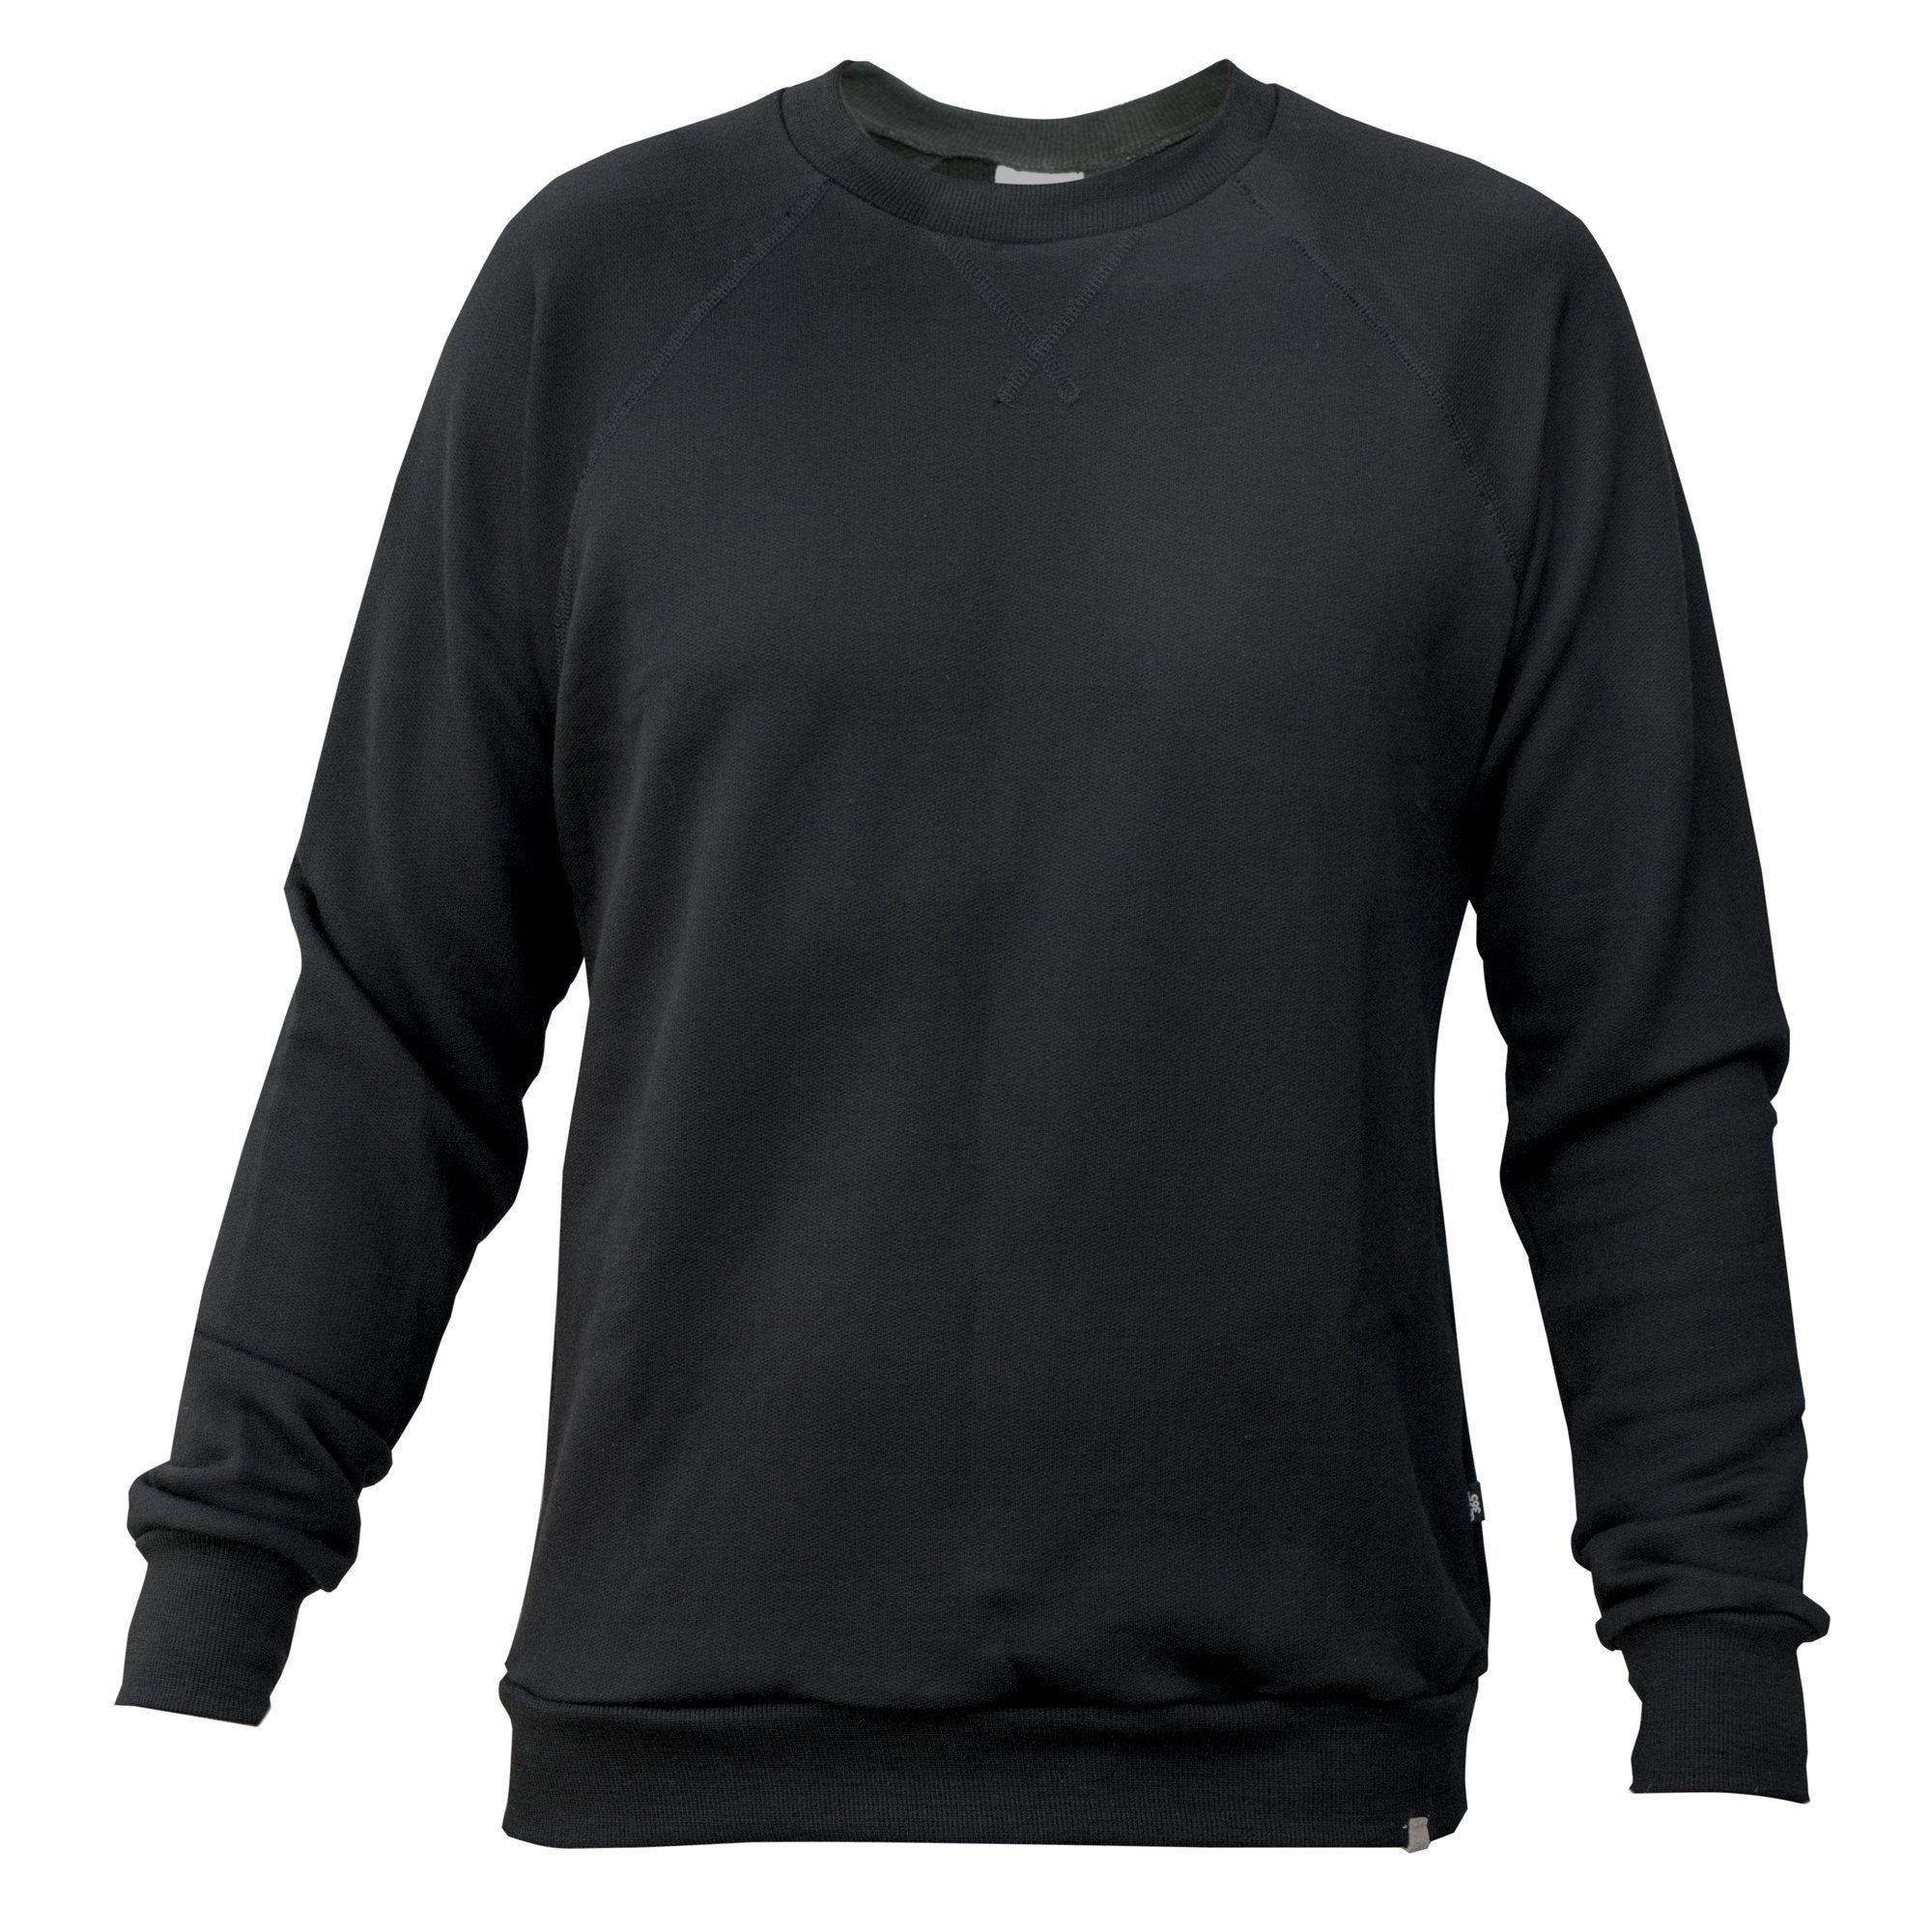 Merino 365, Crew Sweatshirt, 280 gsm, 100% NZ Merino, Medium, Black